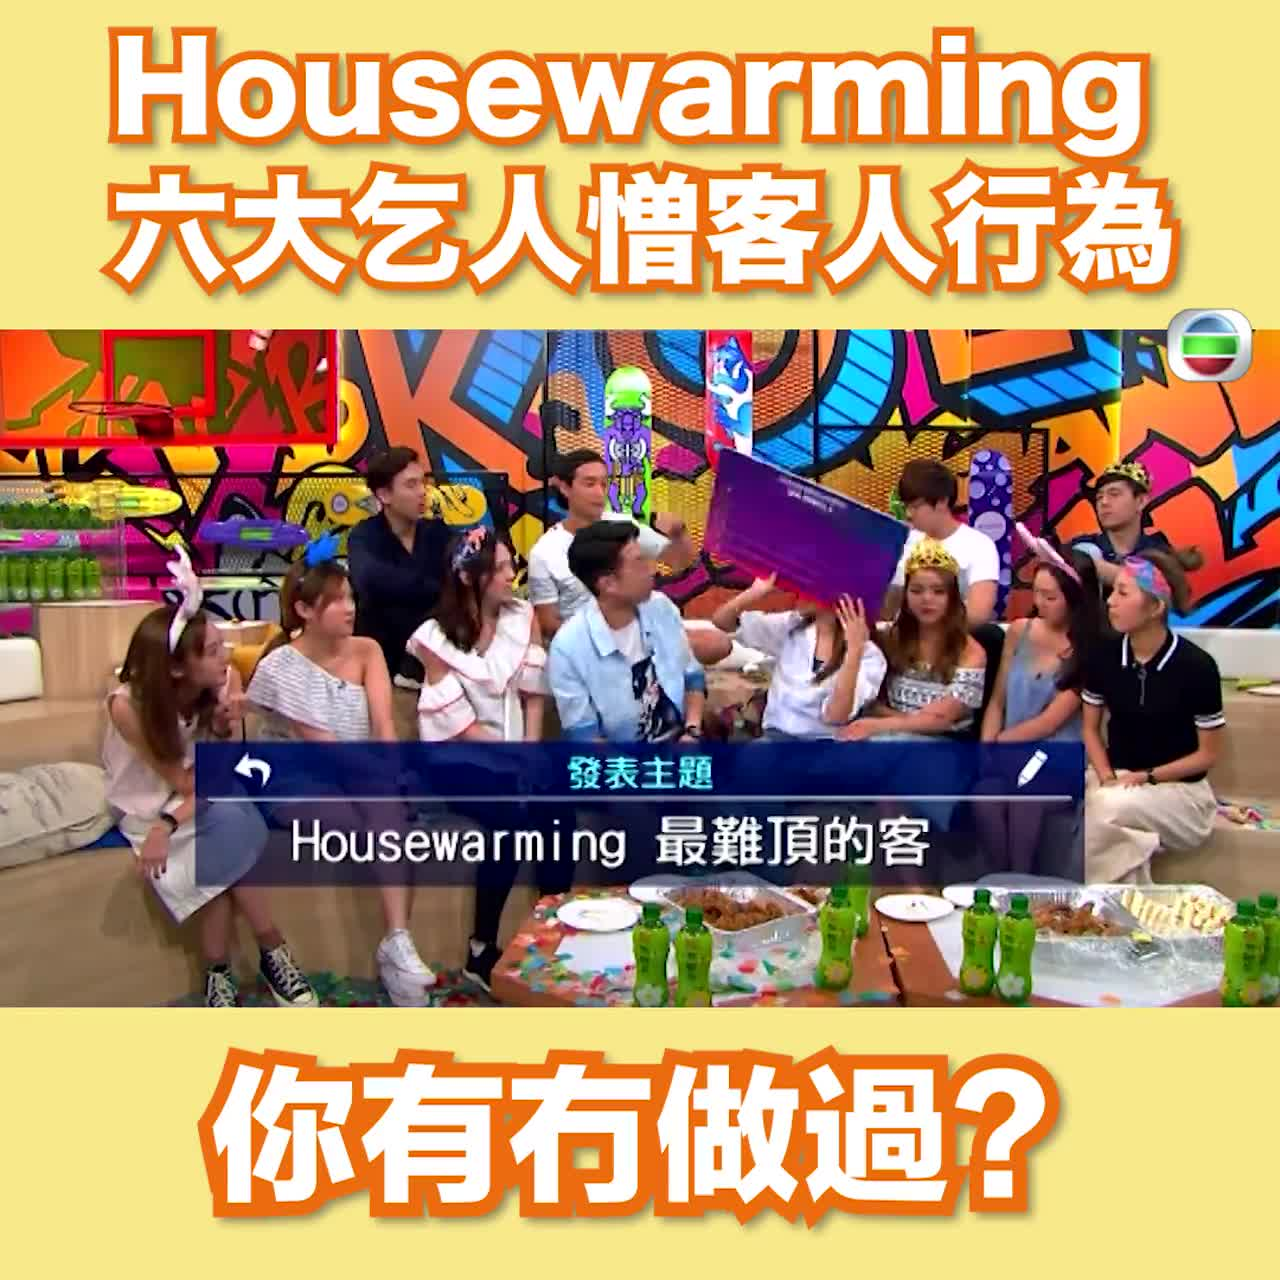 #後生仔傾吓偈:Housewarming六大乞人憎客人行為